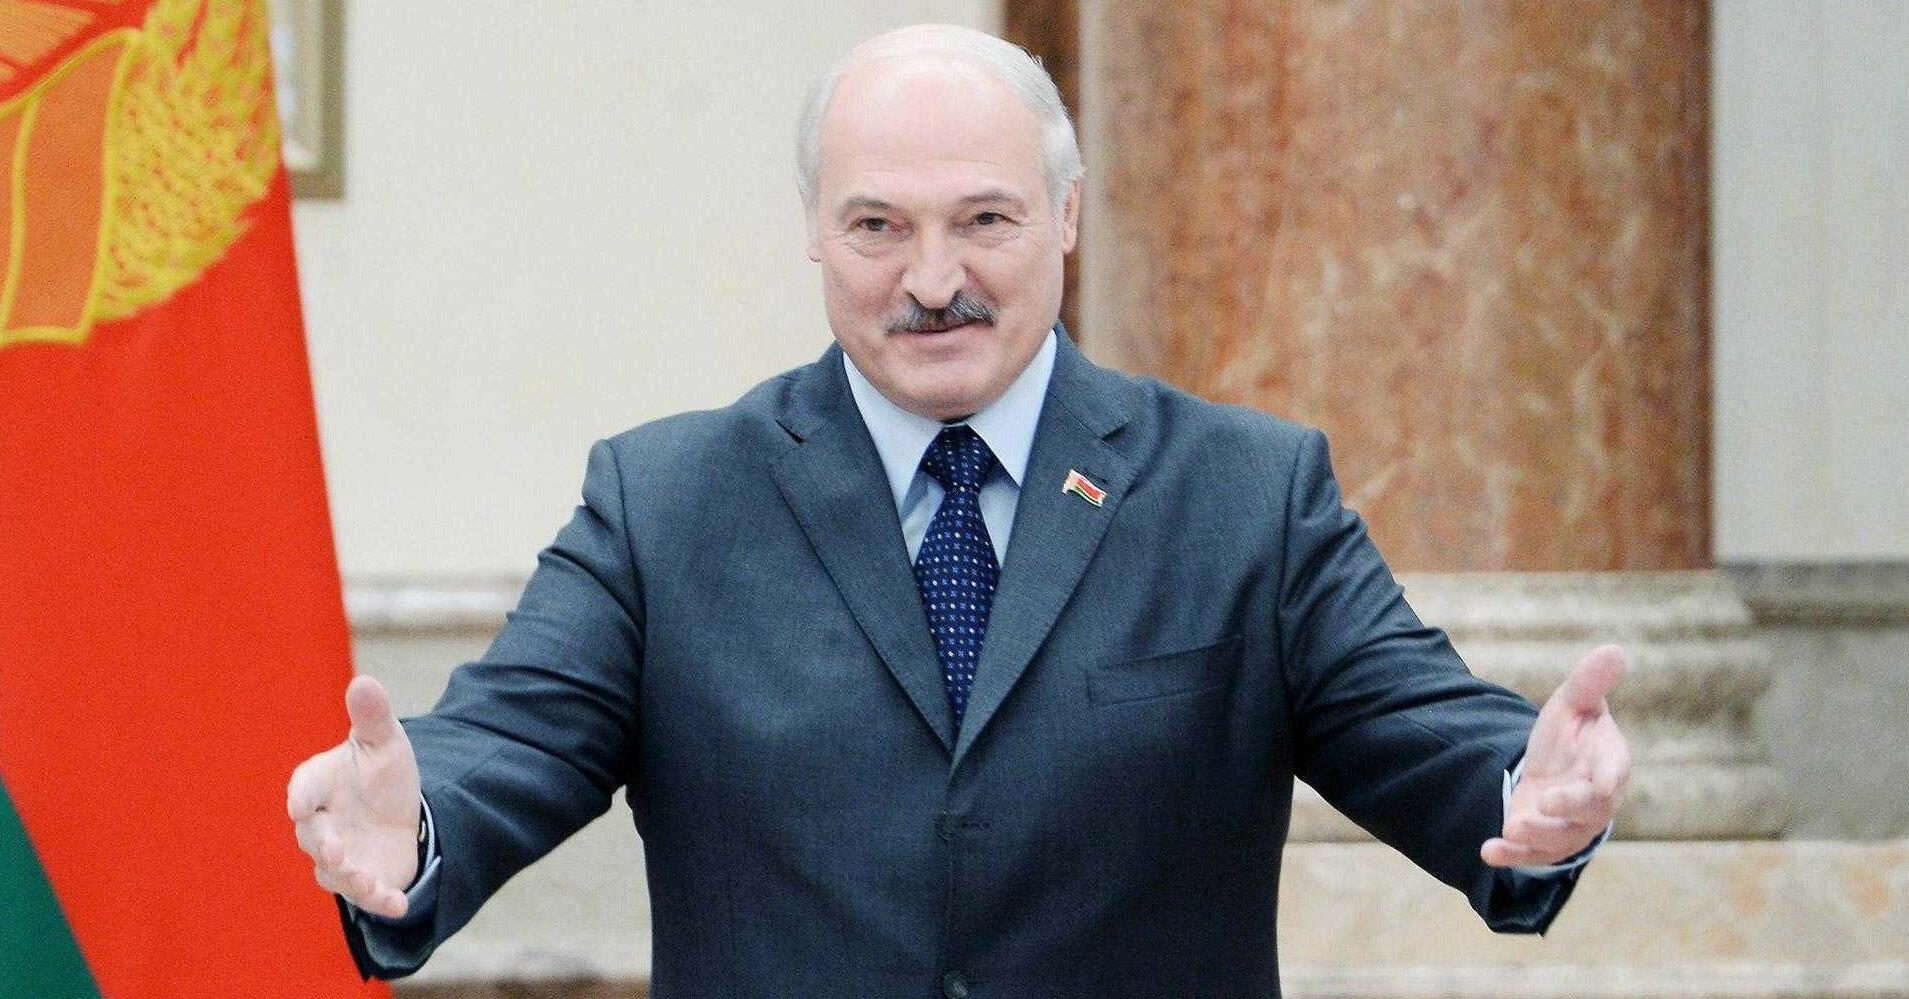 Лукашенко пообещал выдать гражданство украинцам в Беларуси